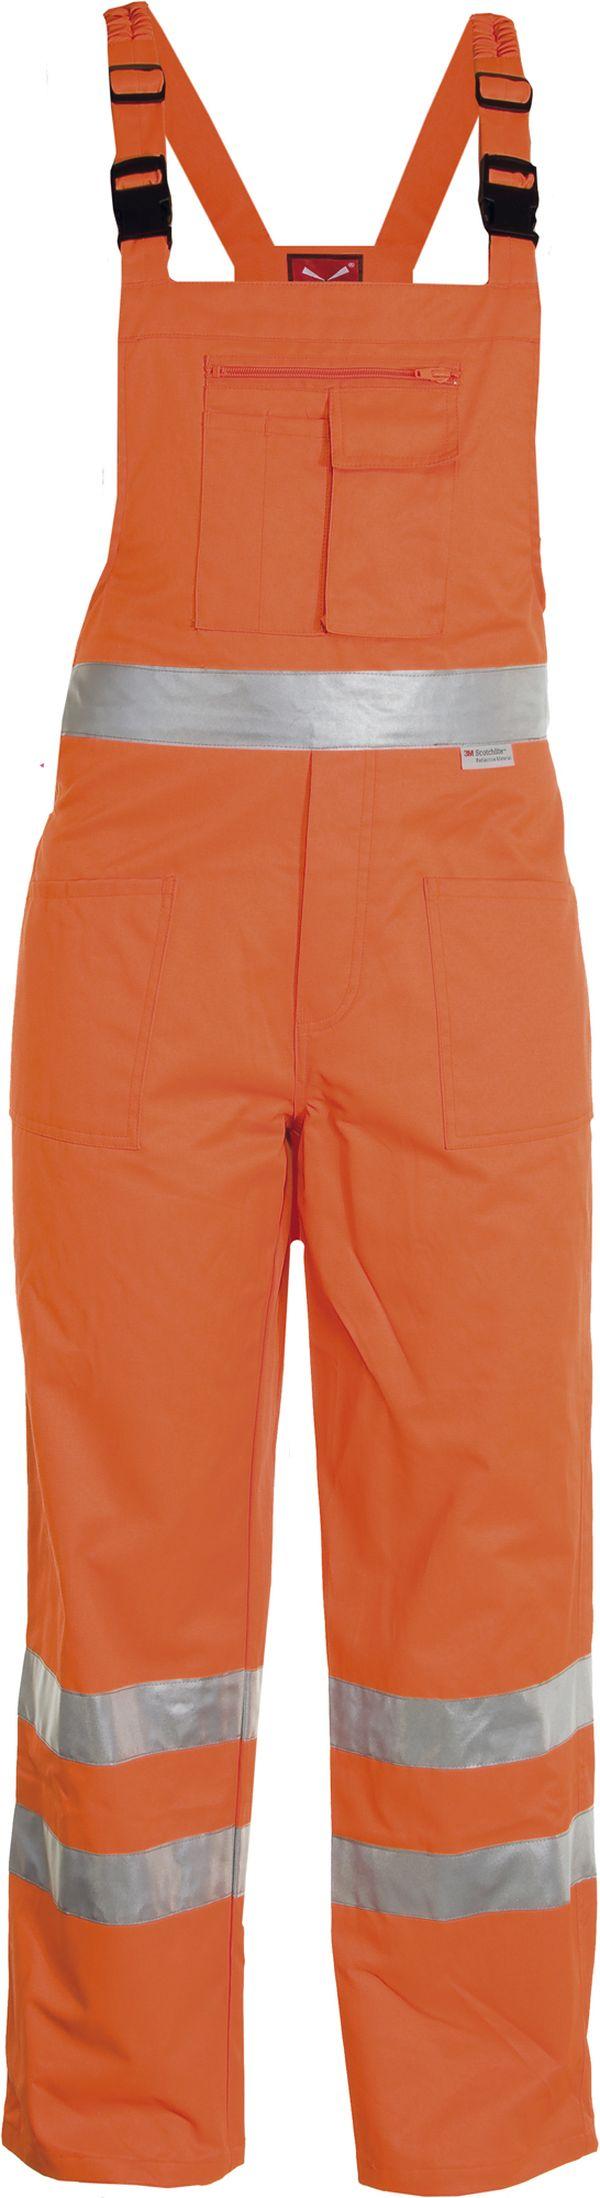 Pracovní kalhoty s laclem PETXENO PAYPER